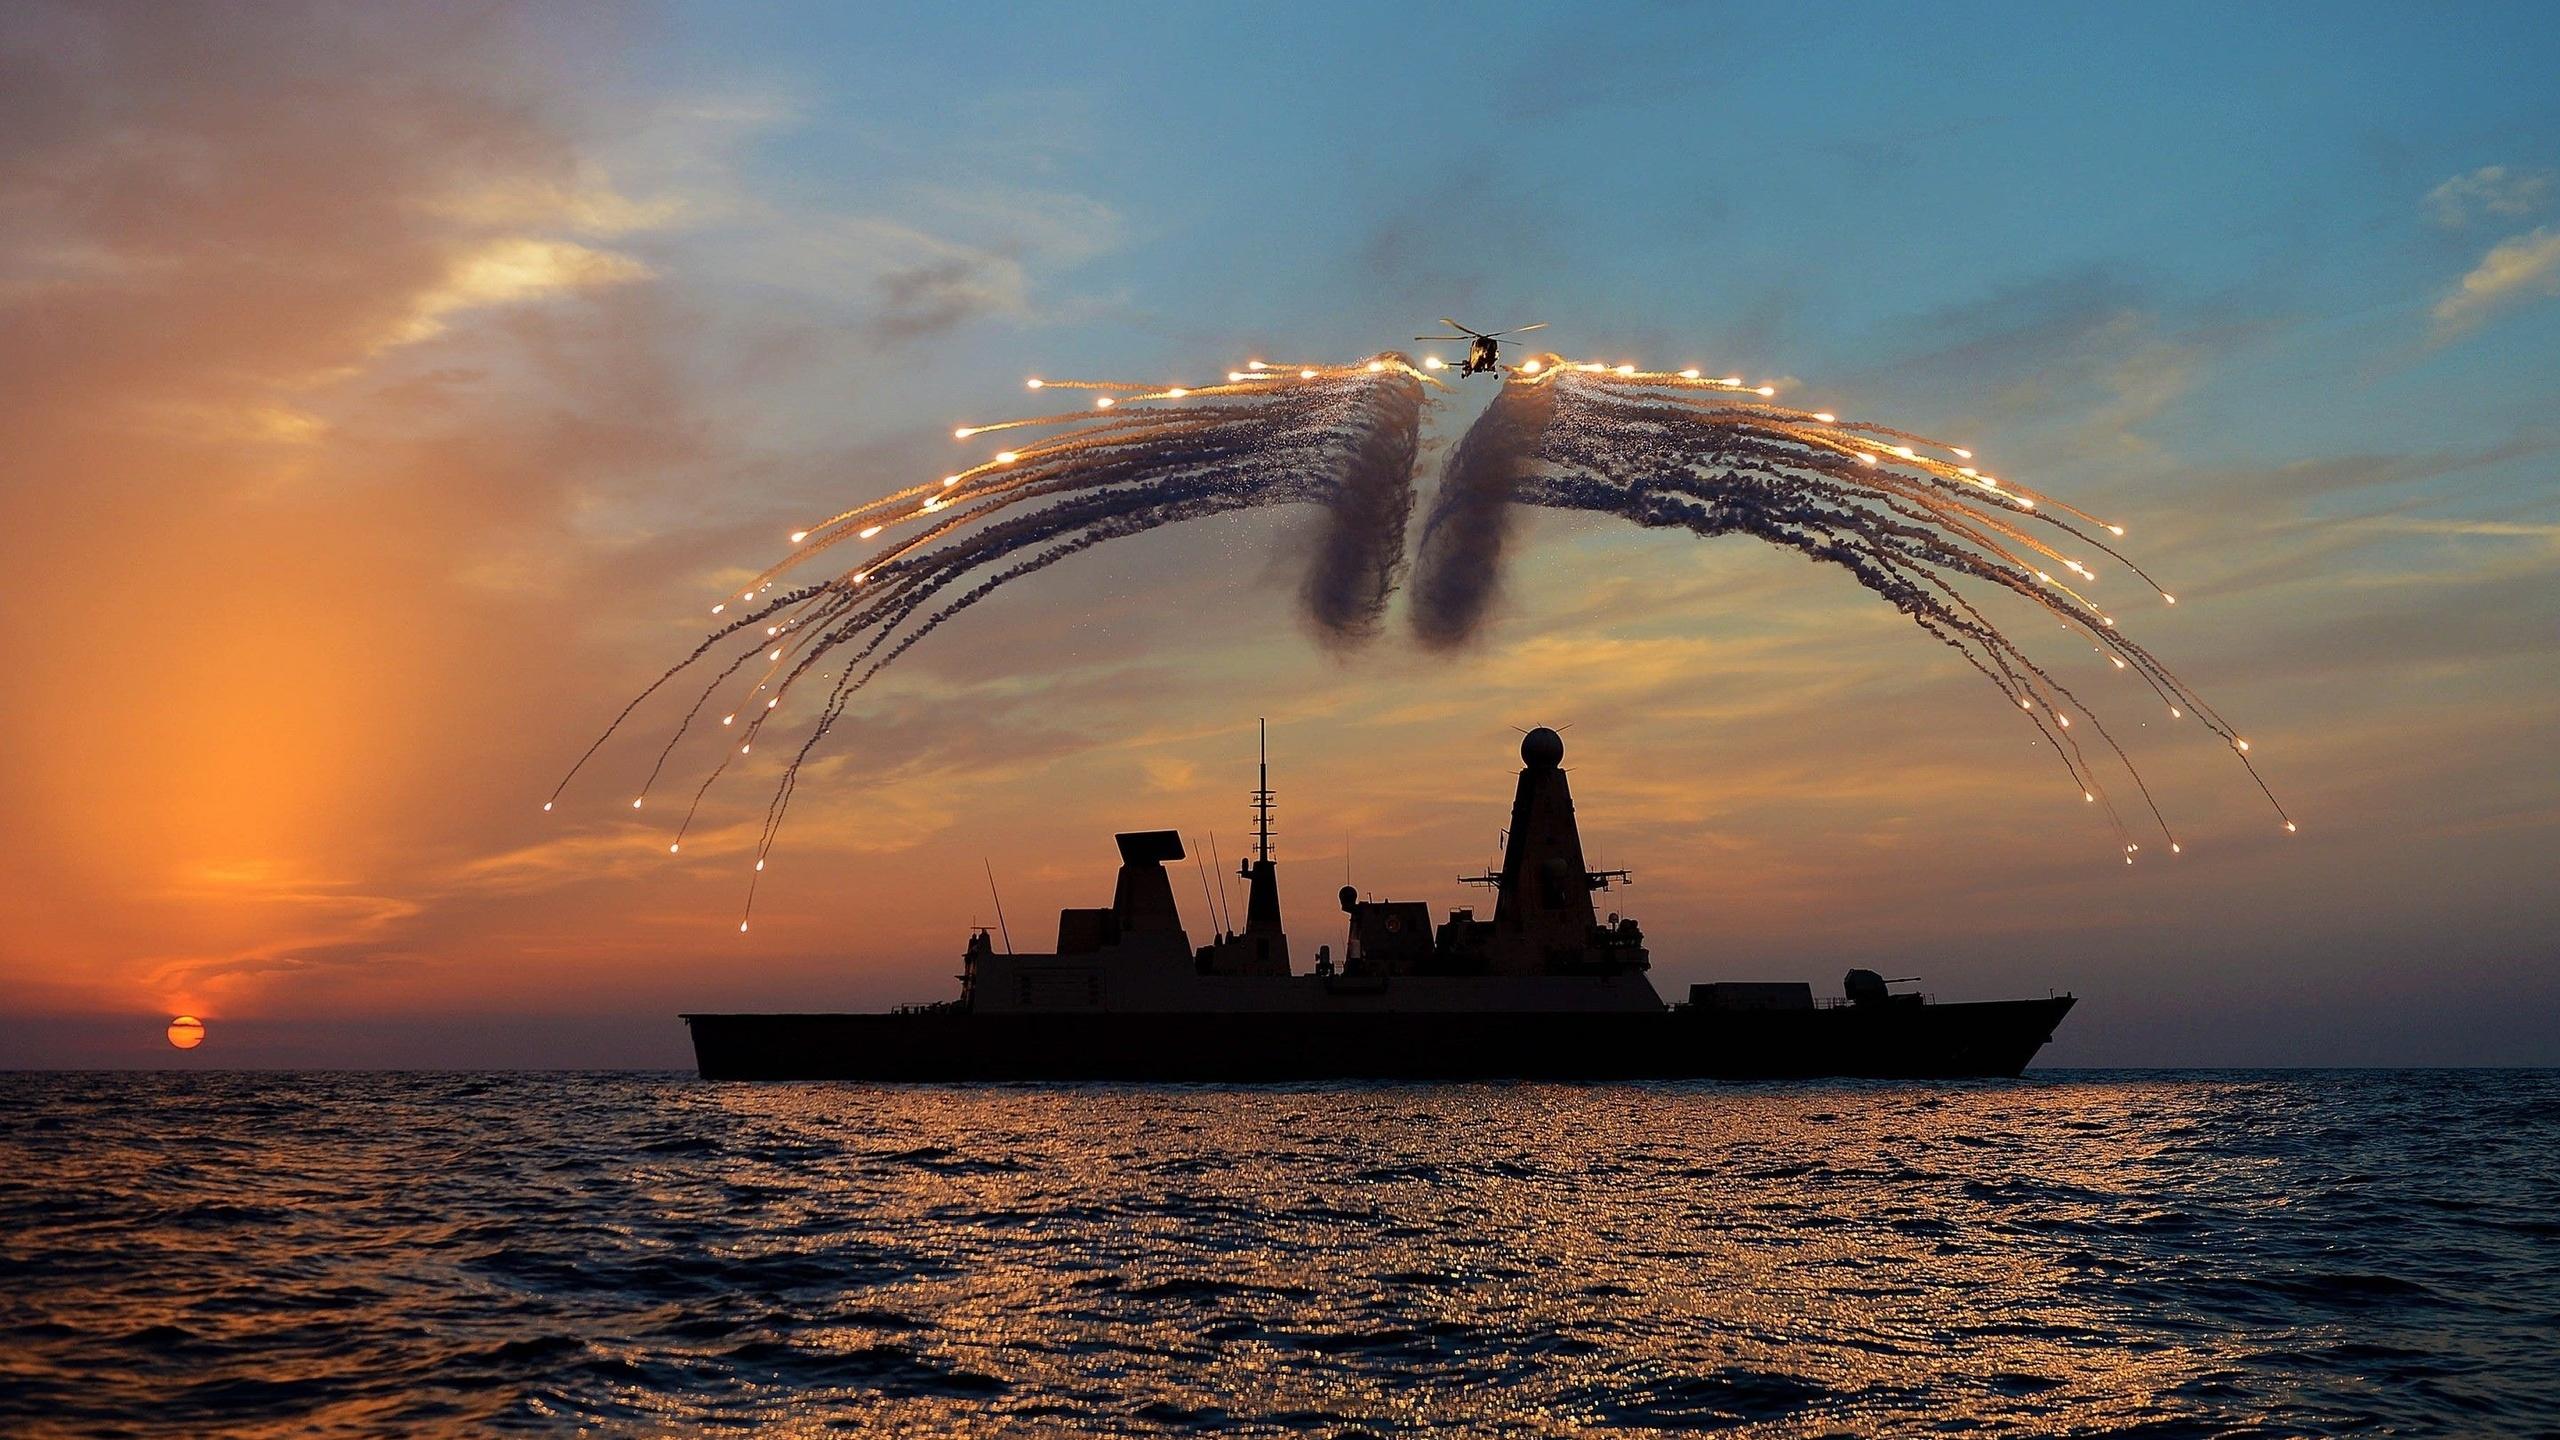 Необыкновенные корабли картинки